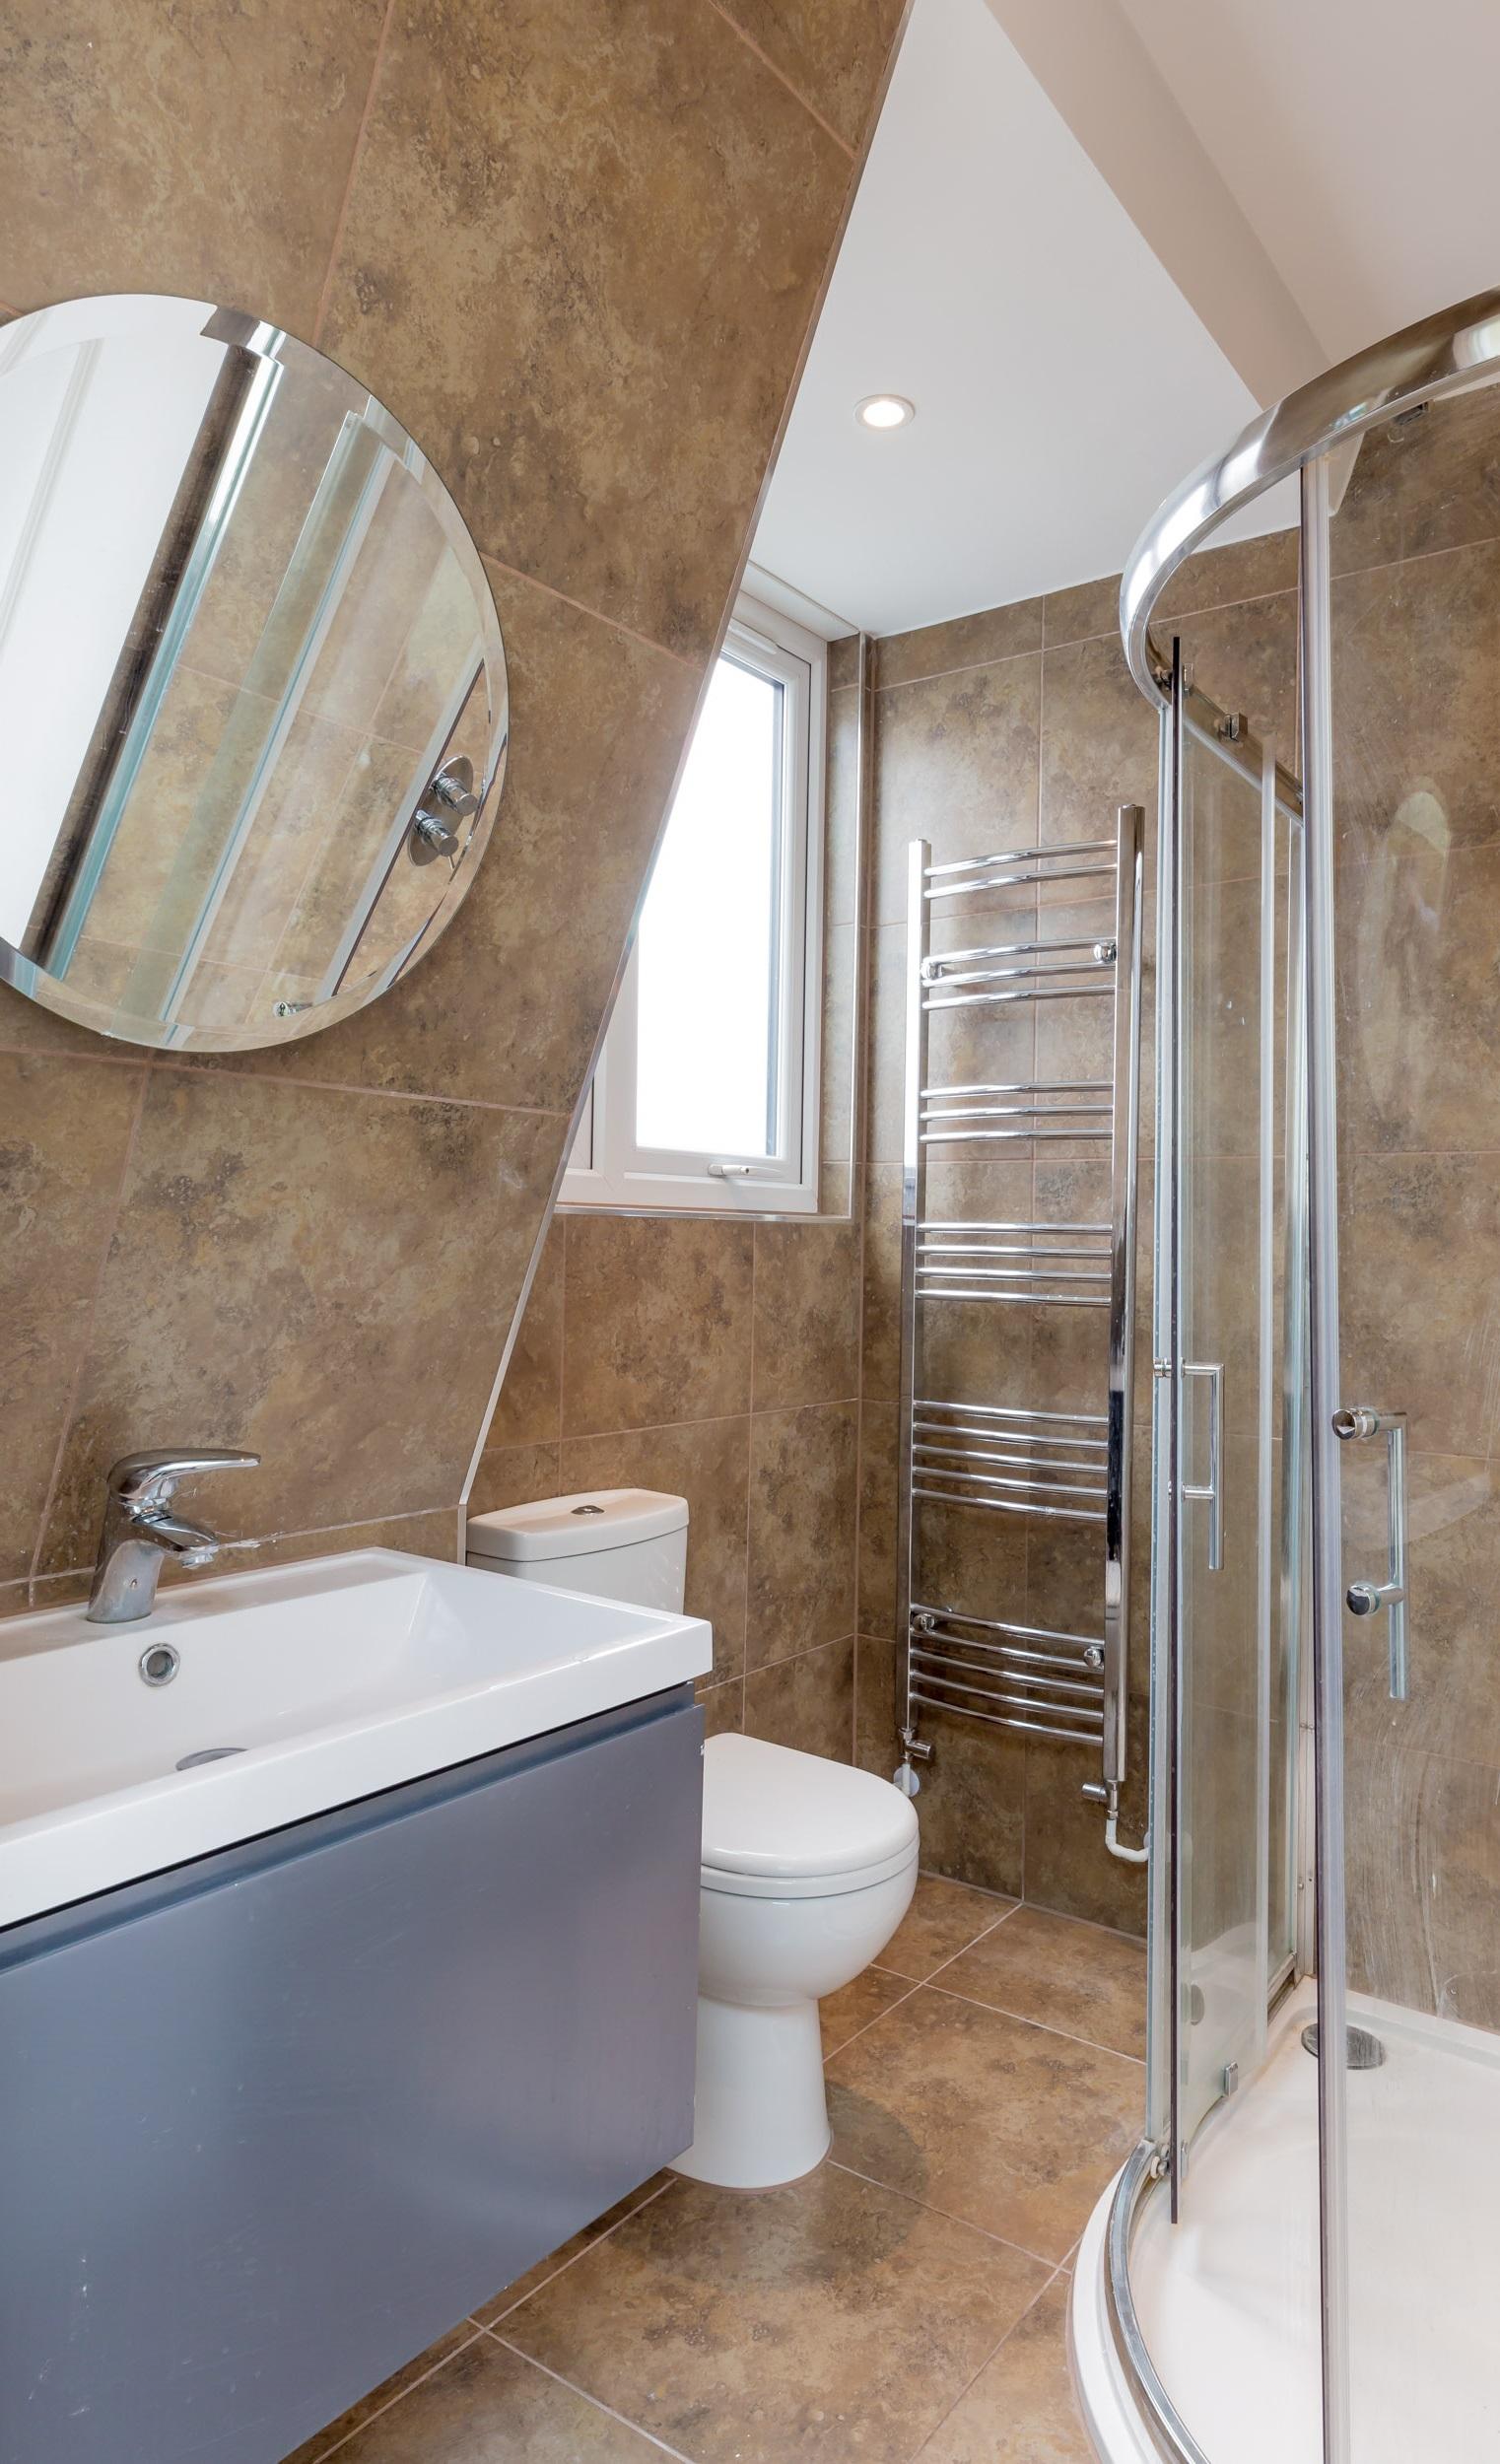 Salle de bains avec cabine de douche.